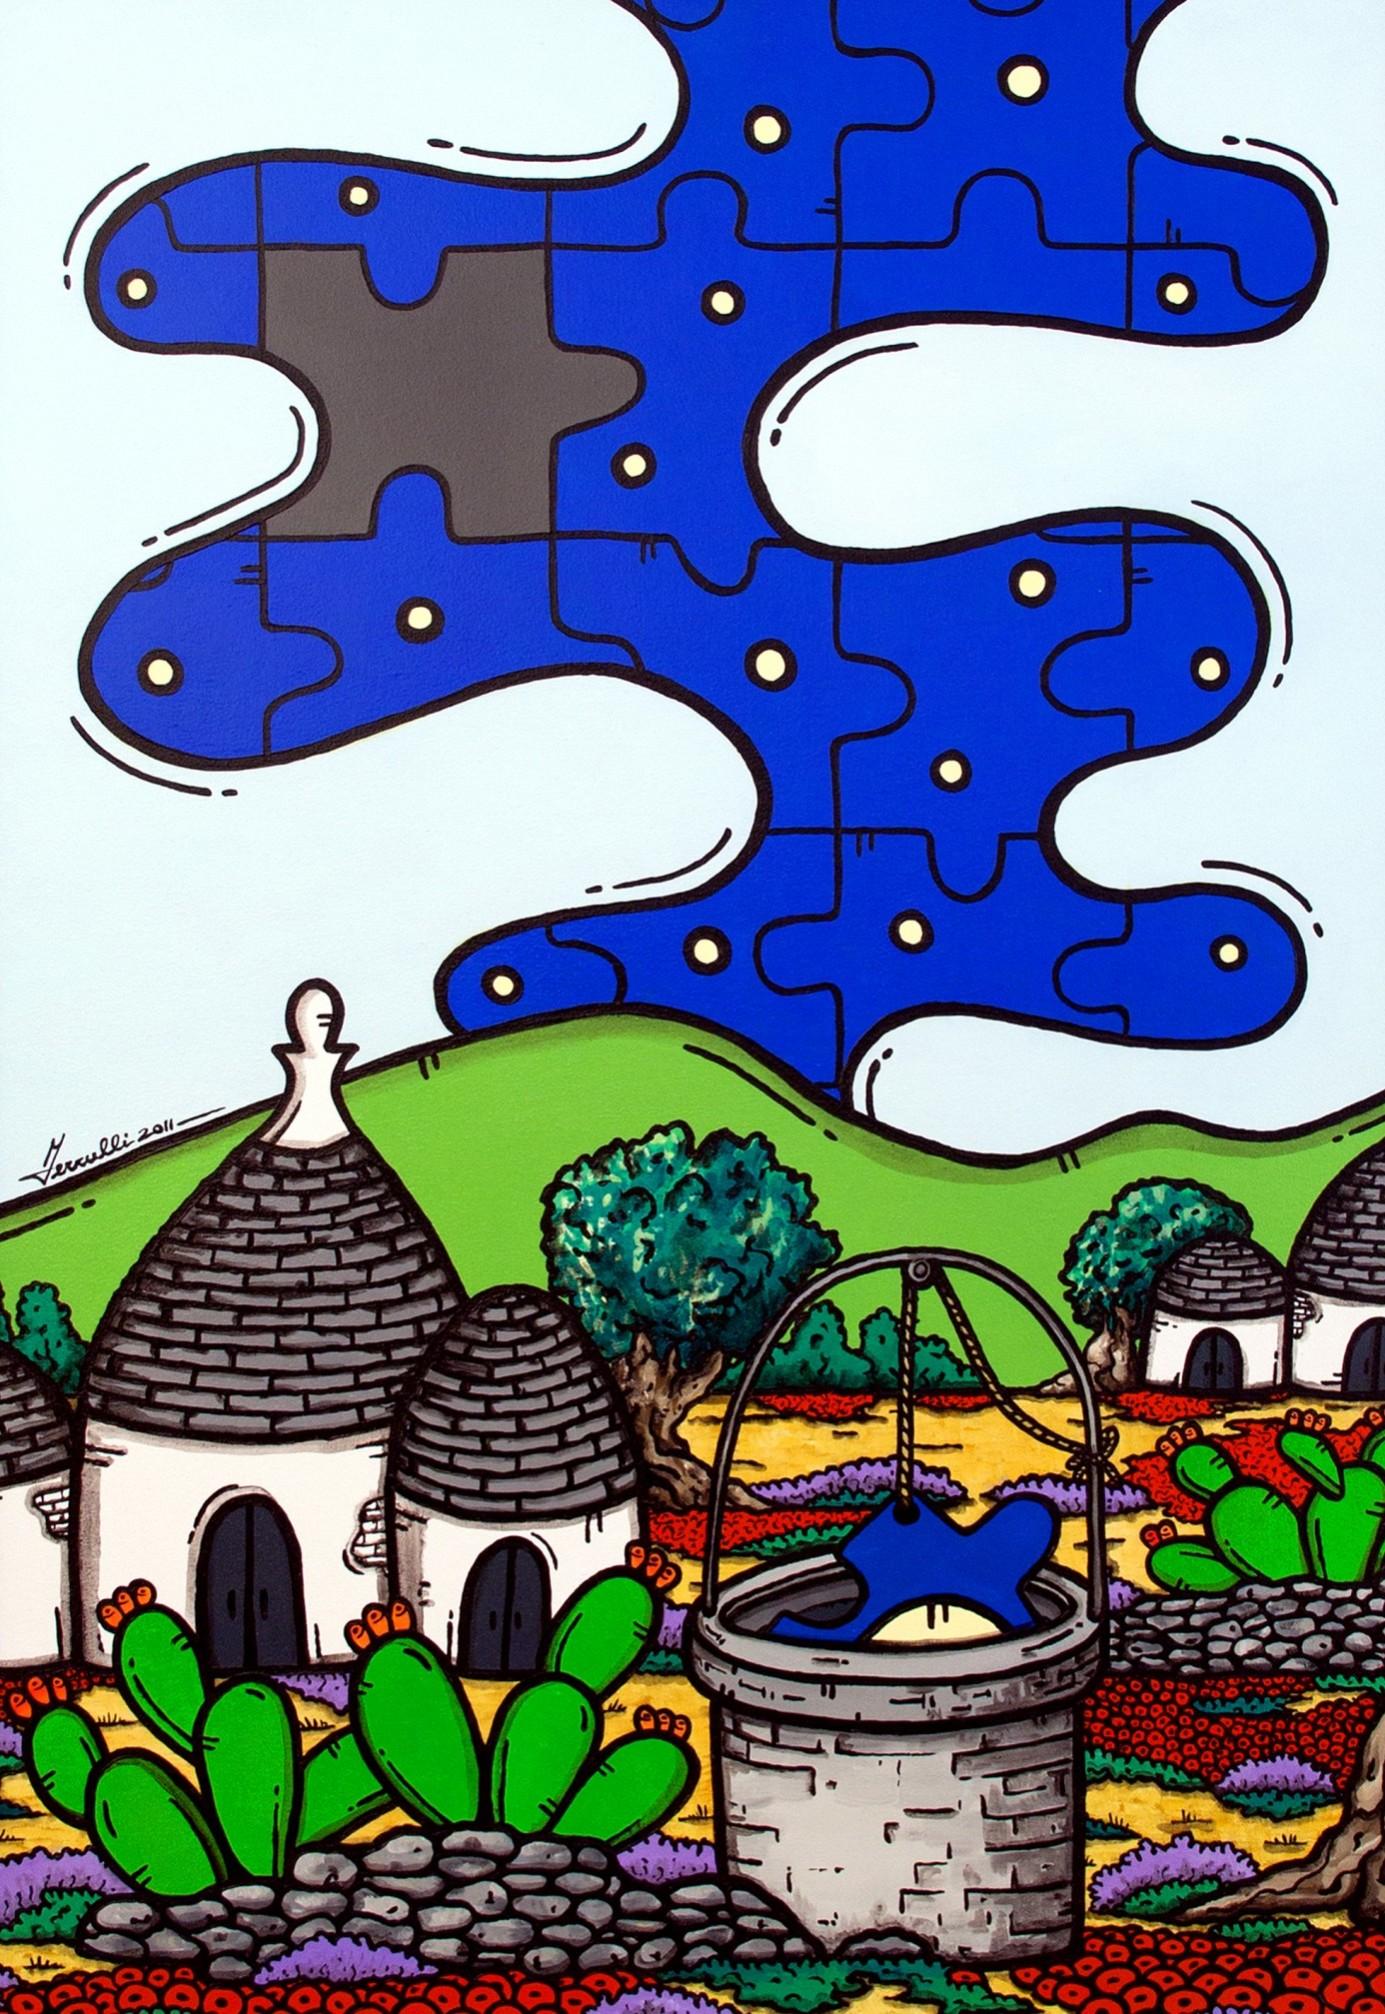 opera, contornismo metafisico, francesco ferrulli, pittore pugliese, artista italiano, arte contemporanea, dipinto, olio su tela, paesaggi pugliesi, puglia, quadro colorato, oil on canvas, art, painter, paesaggio pugliese, campagna pugliese, trulli, ulivi, fichi d'india, basta volerlo, luna nel pozzo, puzzle